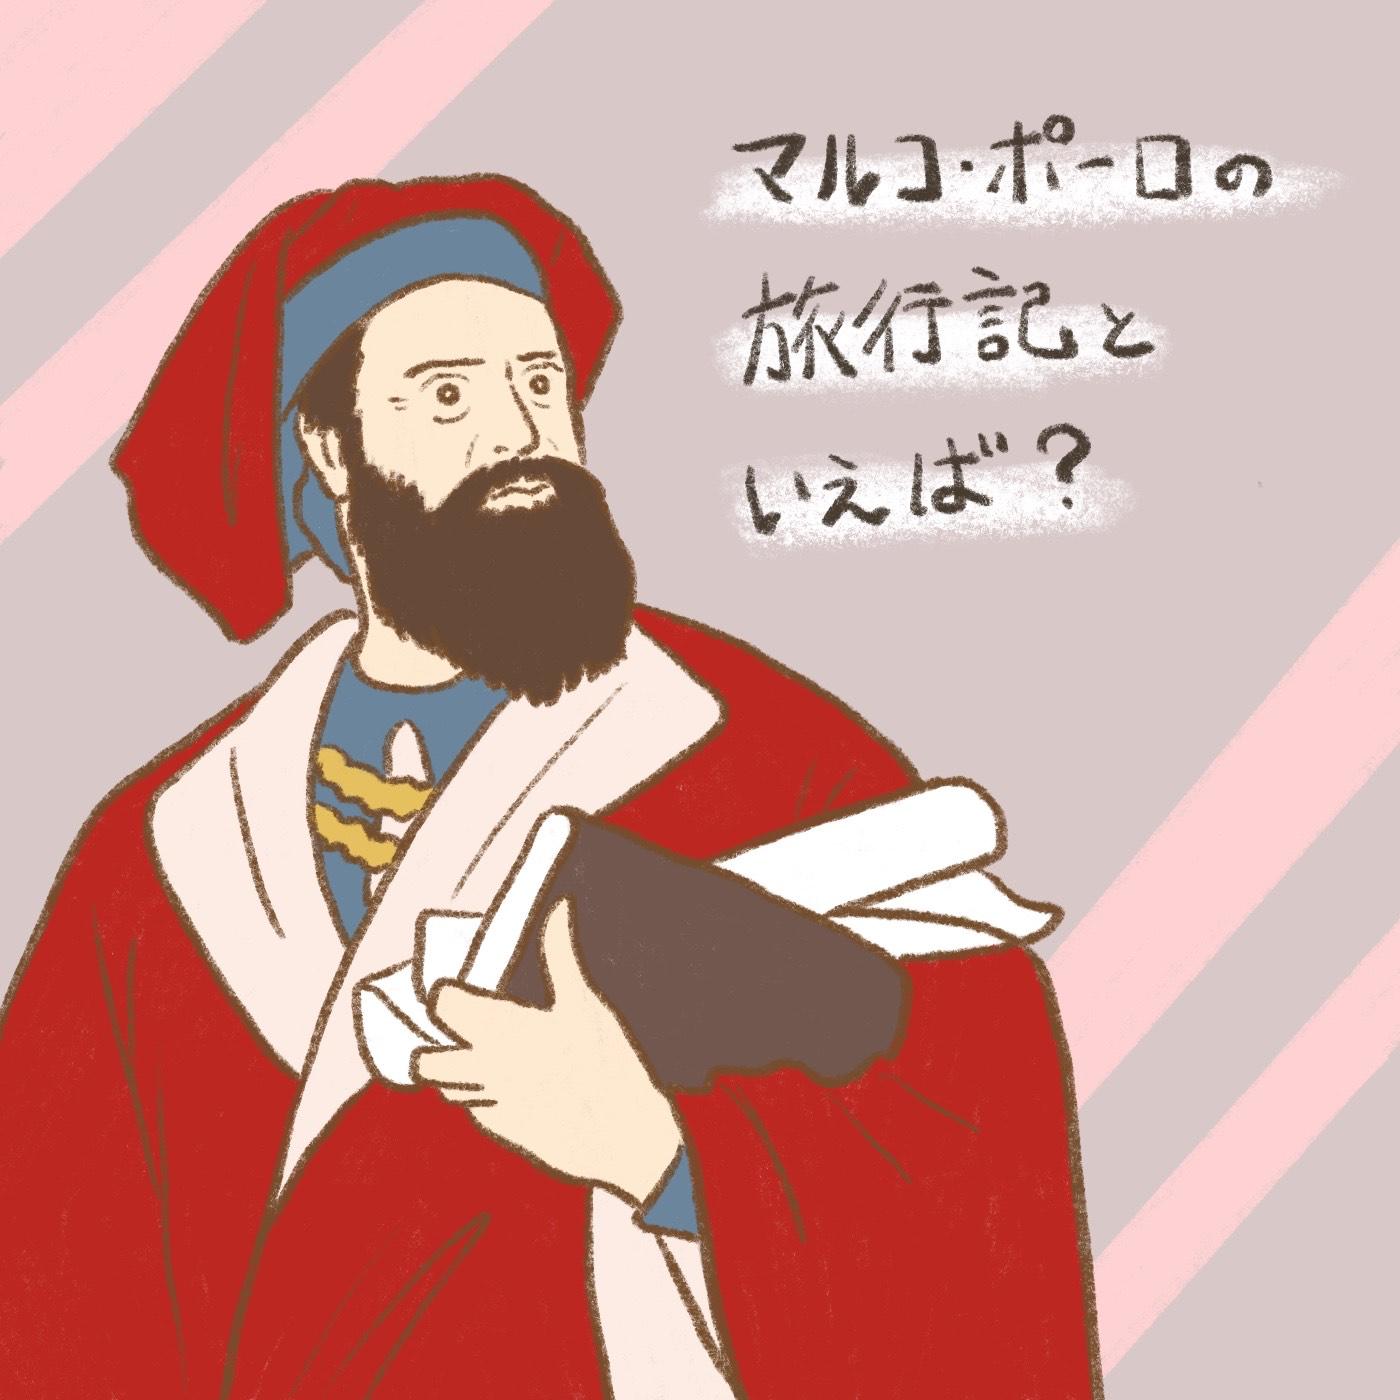 マルコ・ポーロ 東方見聞録 OBIKAKE ナニソレ